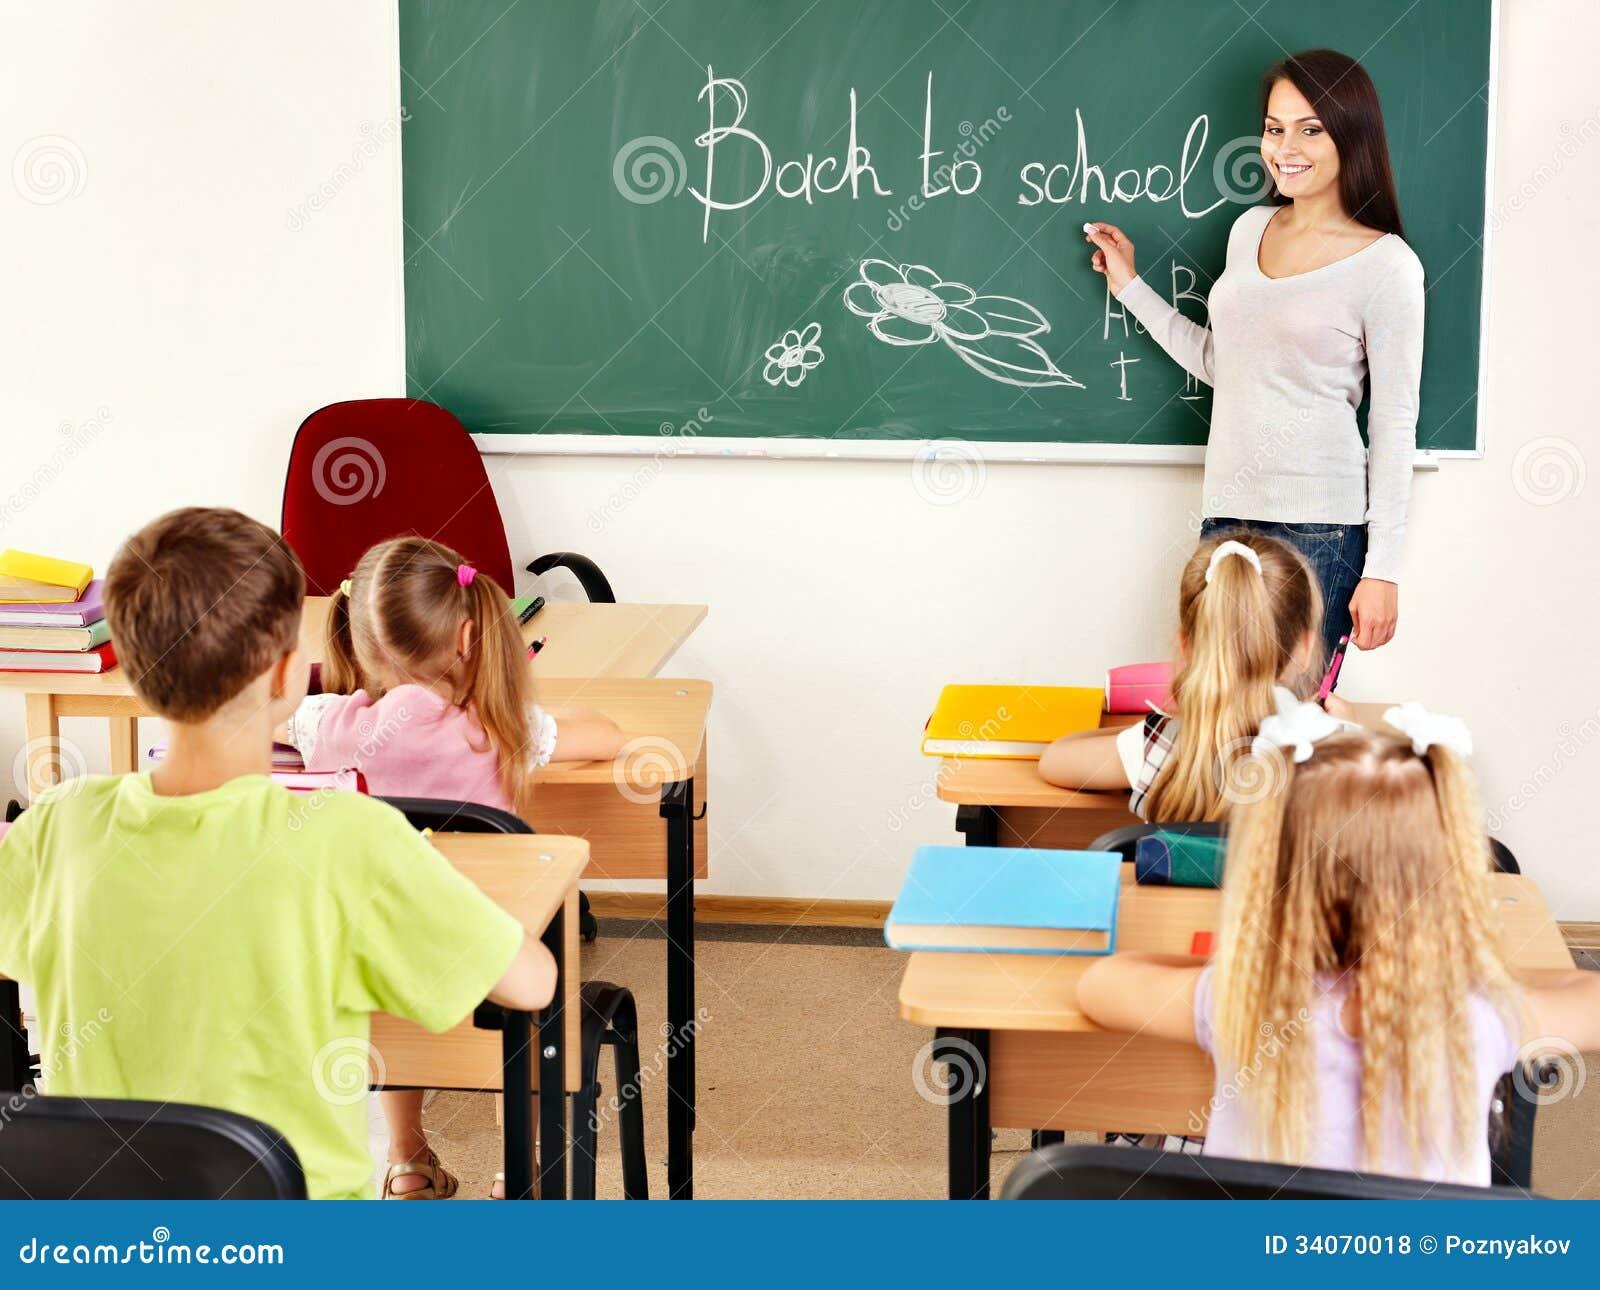 老师暴雨中接力背40名孩子回教室